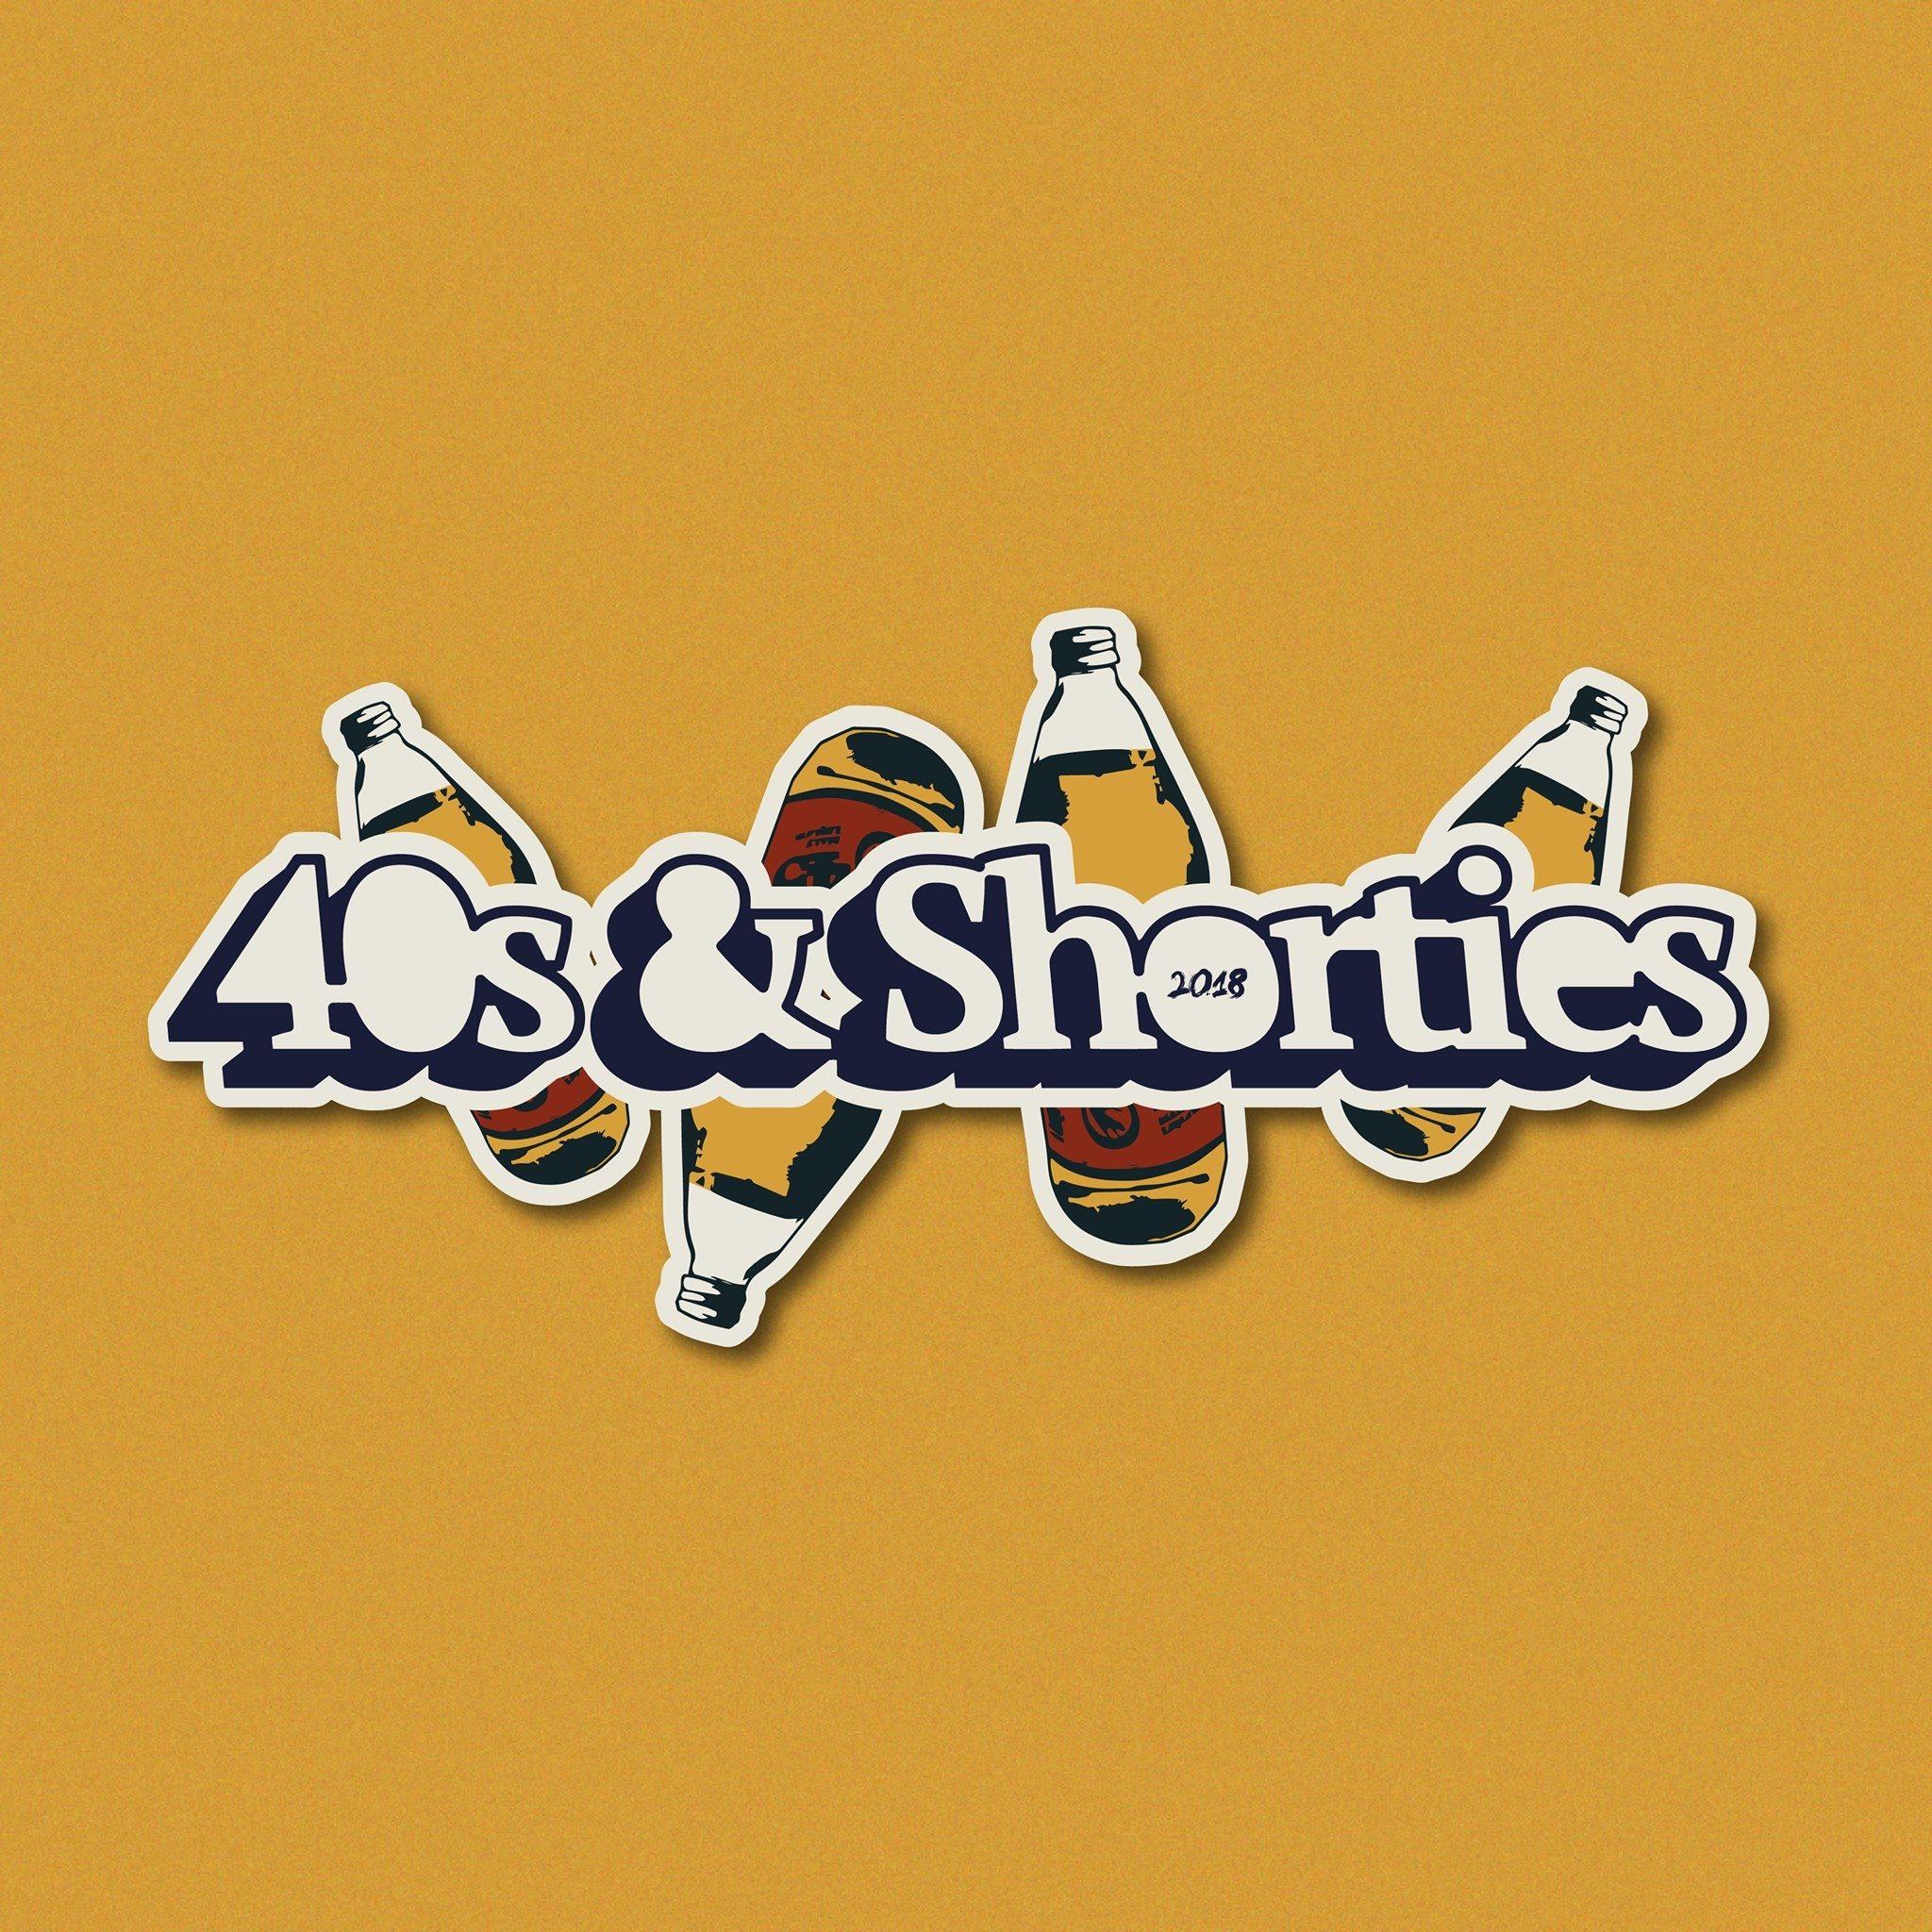 """Logo """"40's & Shorties 2018"""""""